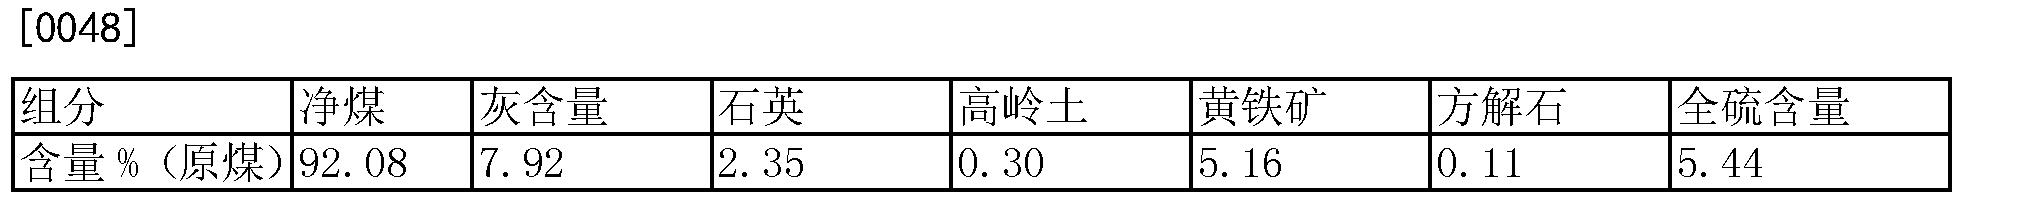 Figure CN103084271BD00073